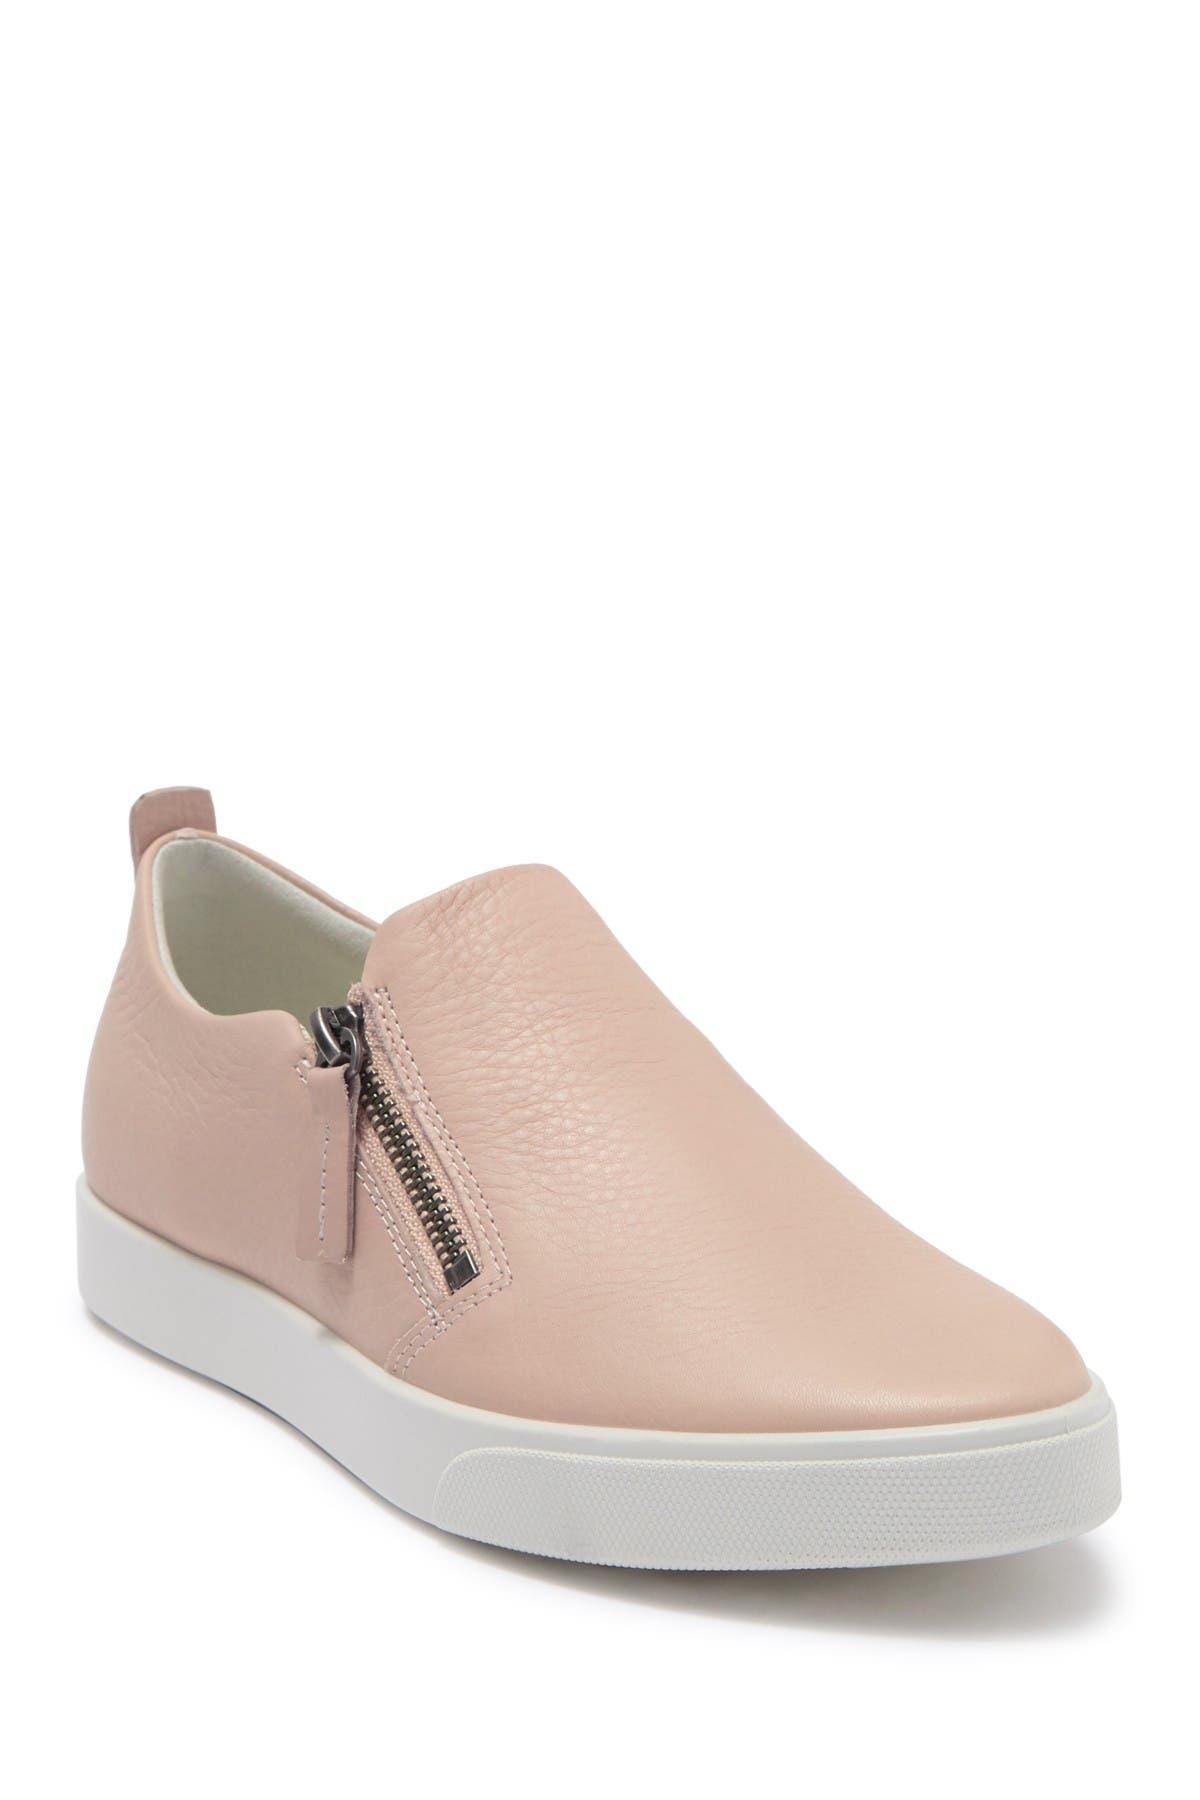 ECCO | Gillian Side Zip Sneaker